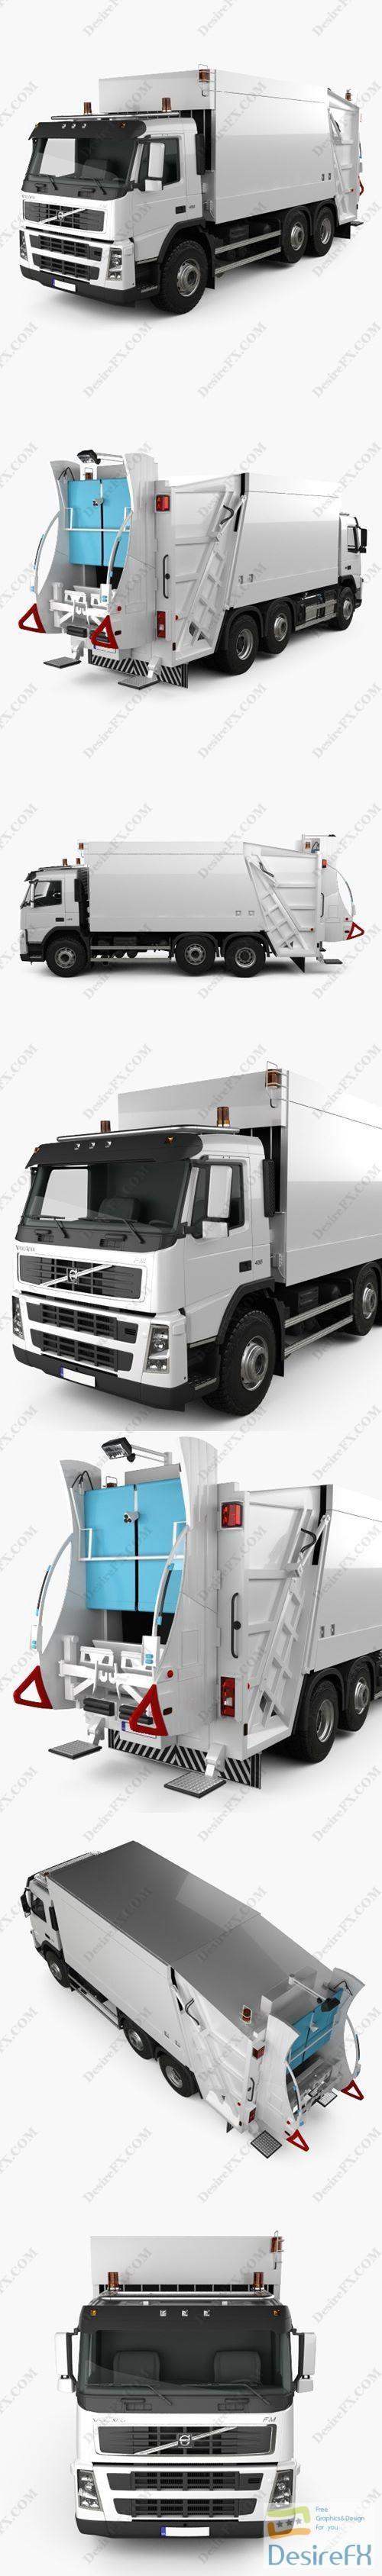 3d-models - Volvo FM Truck 6×2 Garbage 2010 3D Model